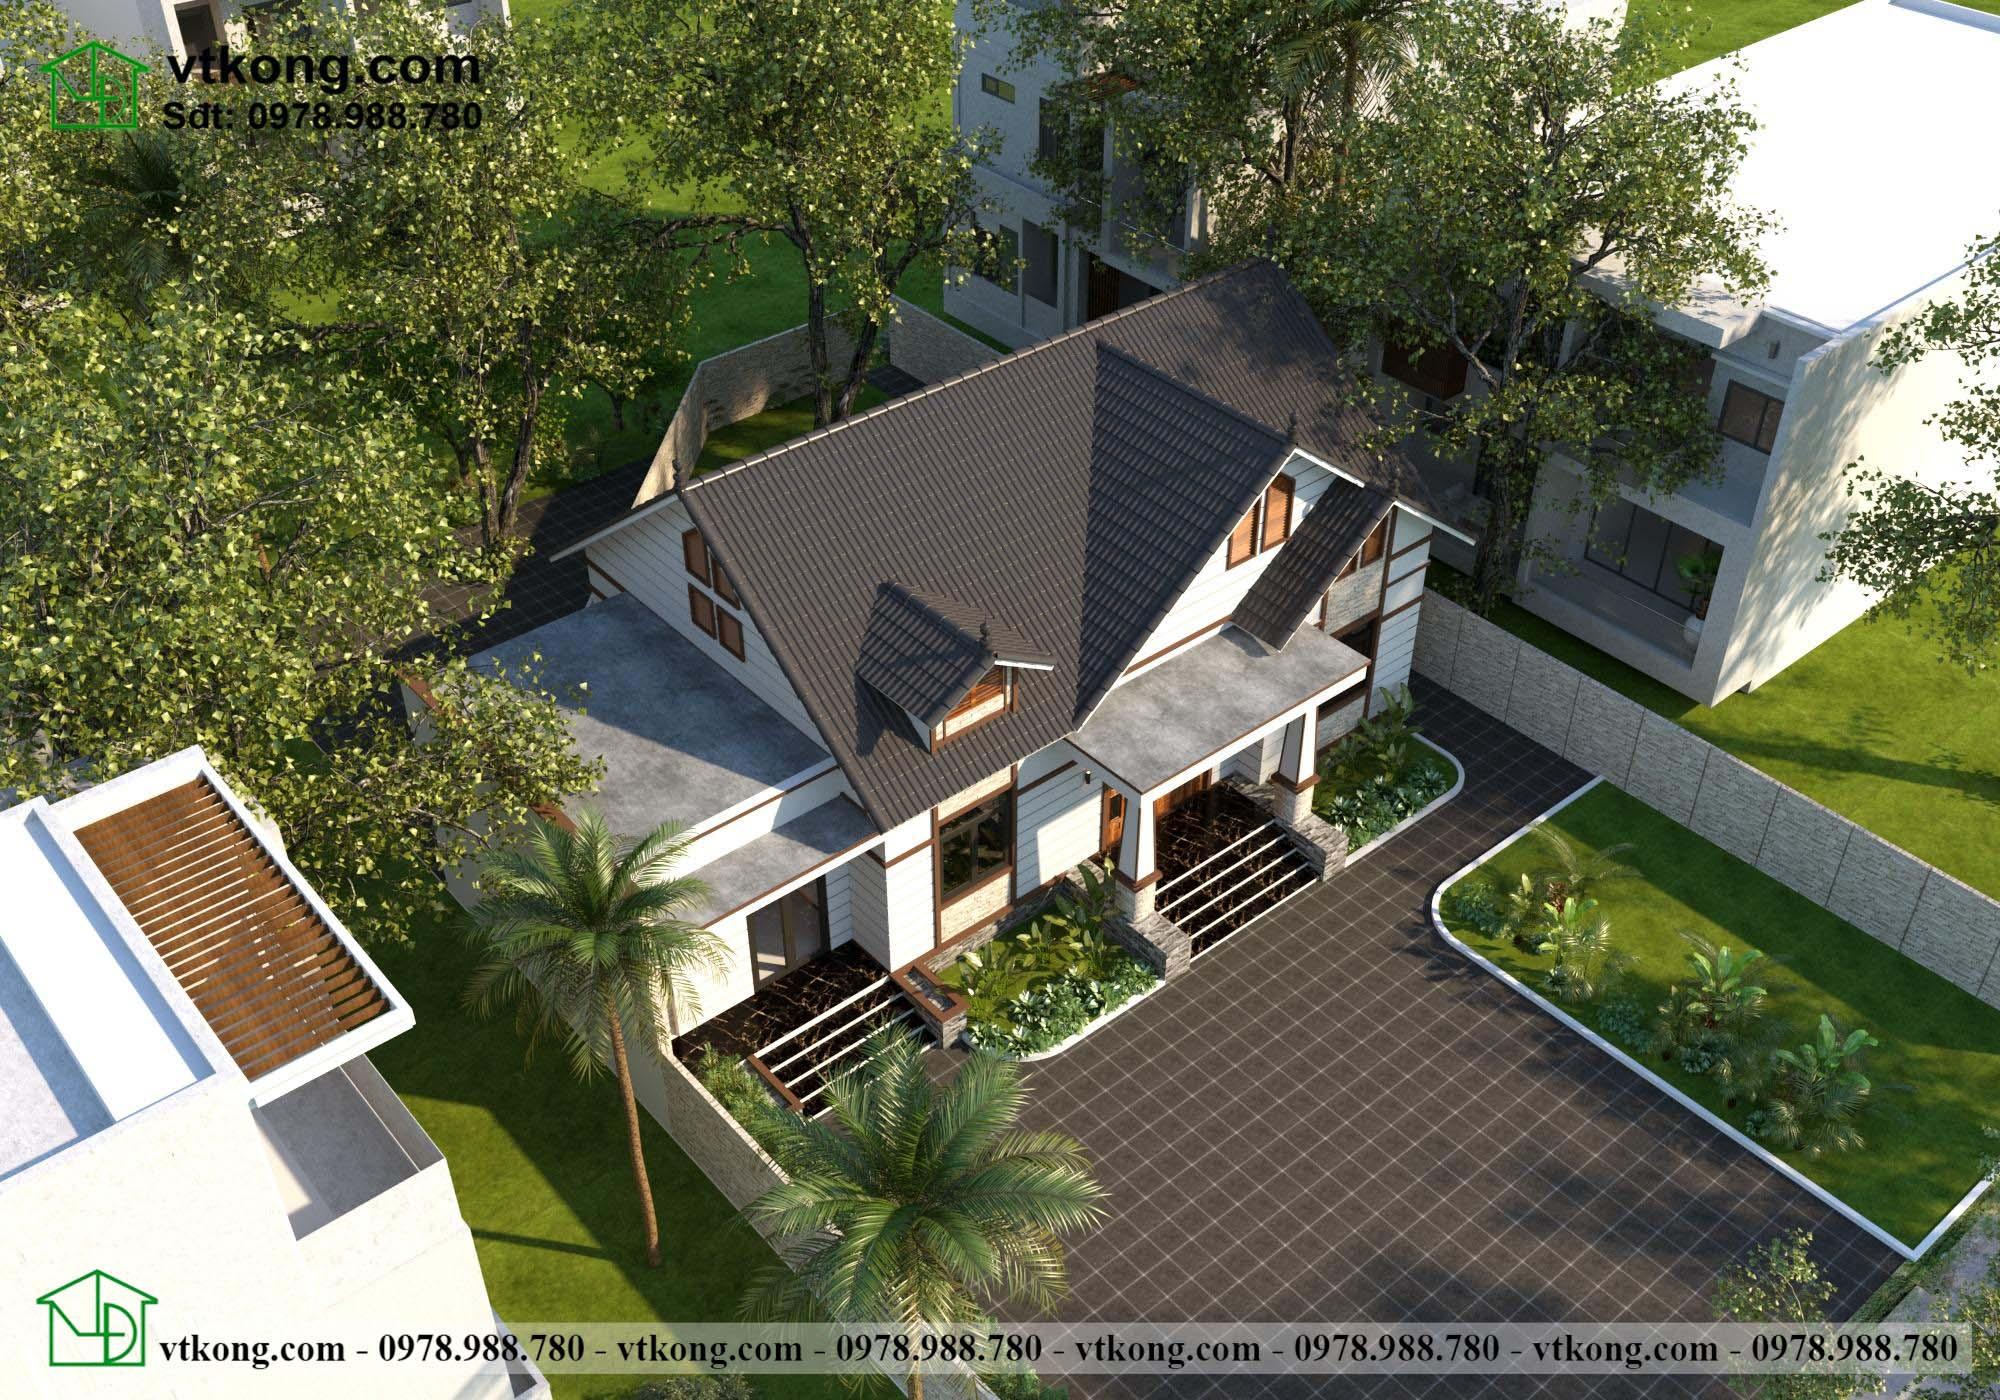 Nhà Cấp 4 16x12m Tại Nha Trang Nc492